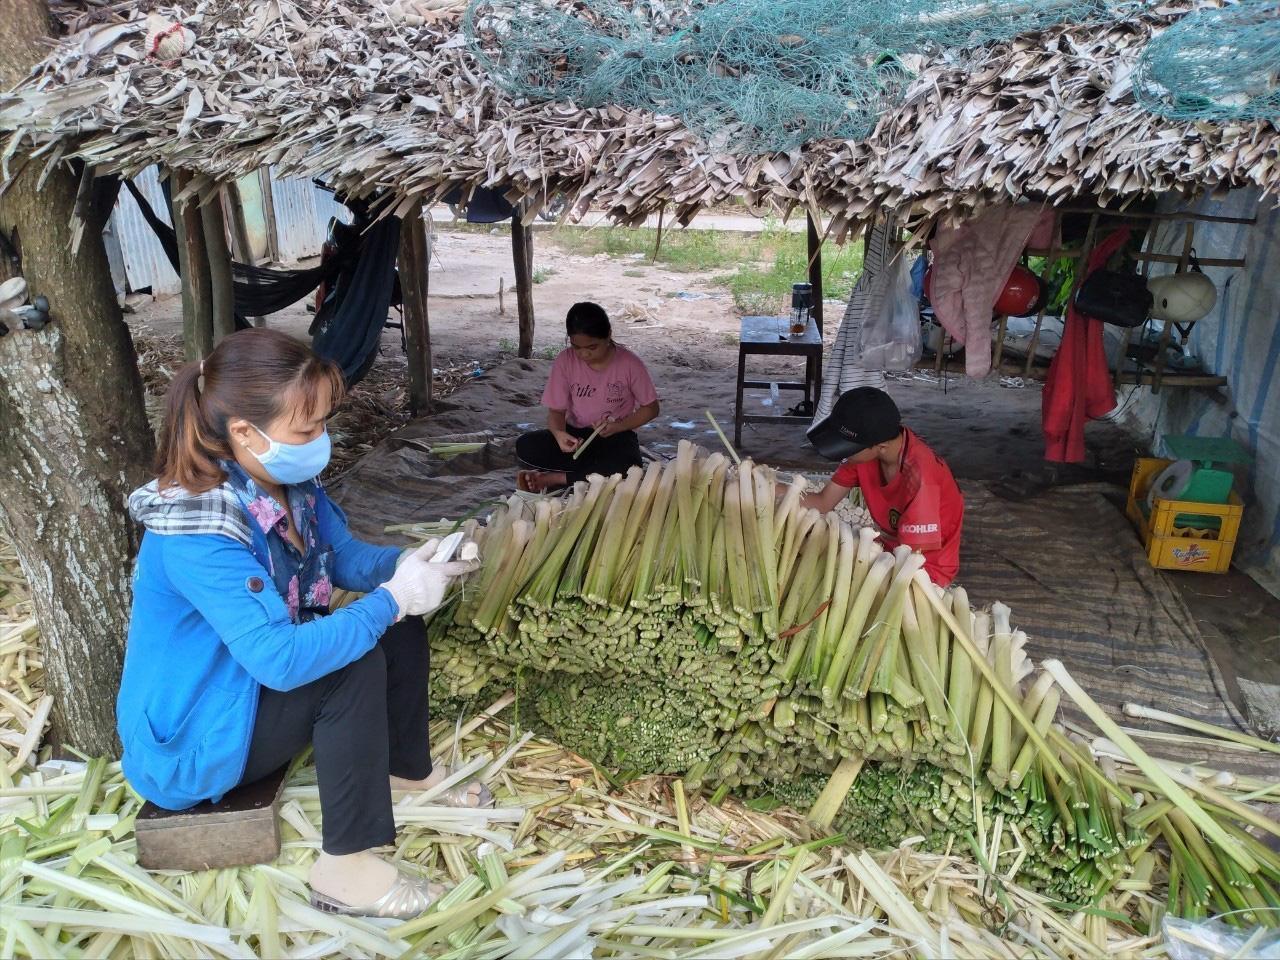 Cà Mau: Trồng thứ cây một thời xem như cỏ dại, rút đọt đon bán làm rau đặc sản mà dân mau khấm khá - Ảnh 1.